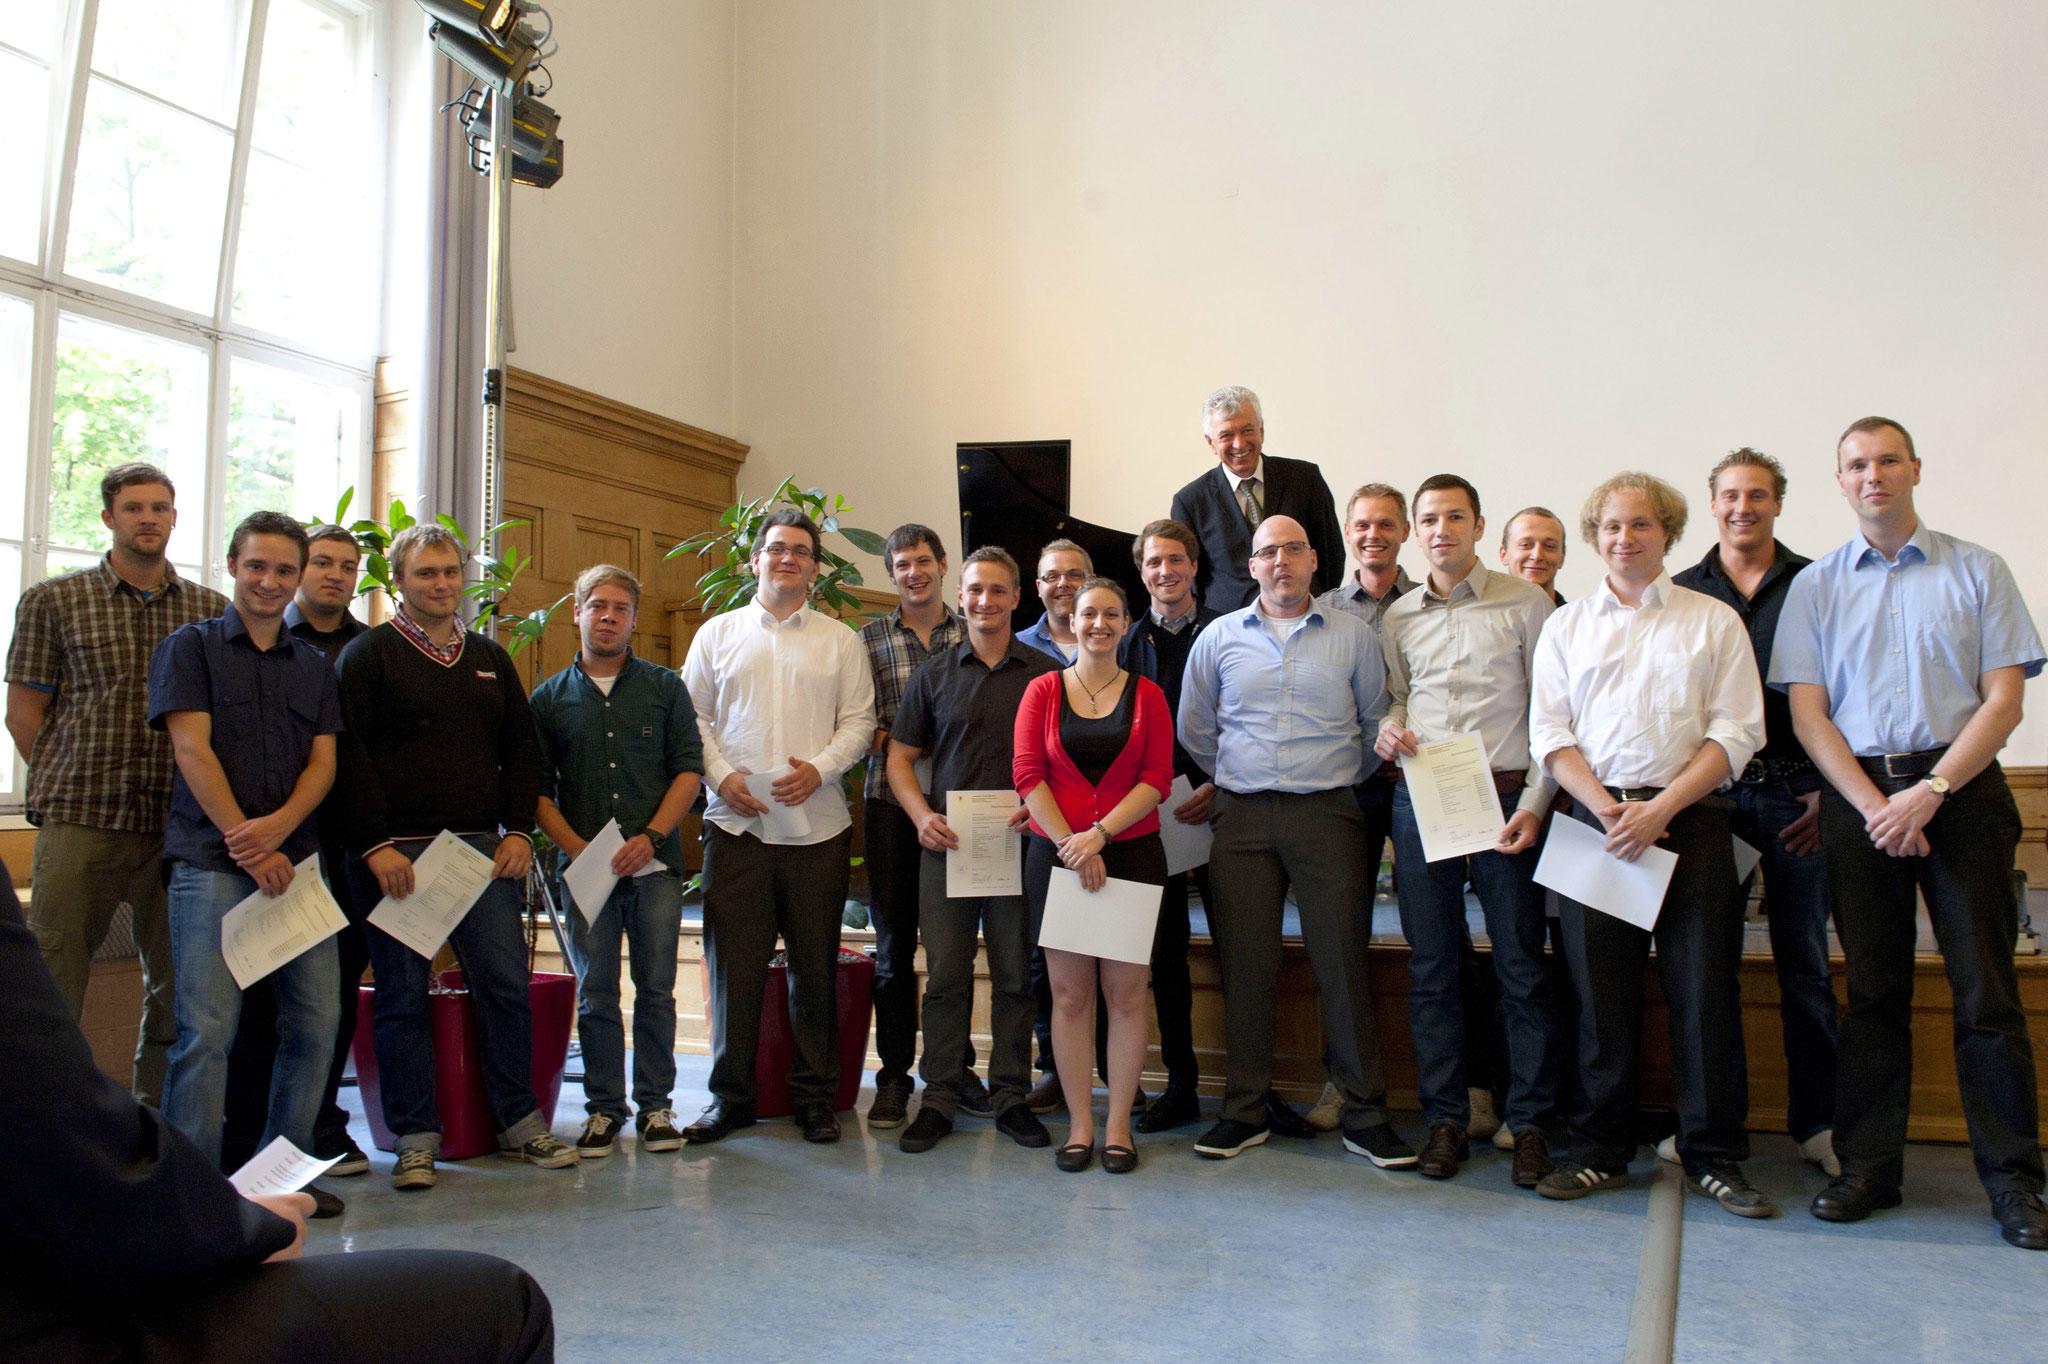 Abschlussklasse der Buchbindemeister - Industrie 2012